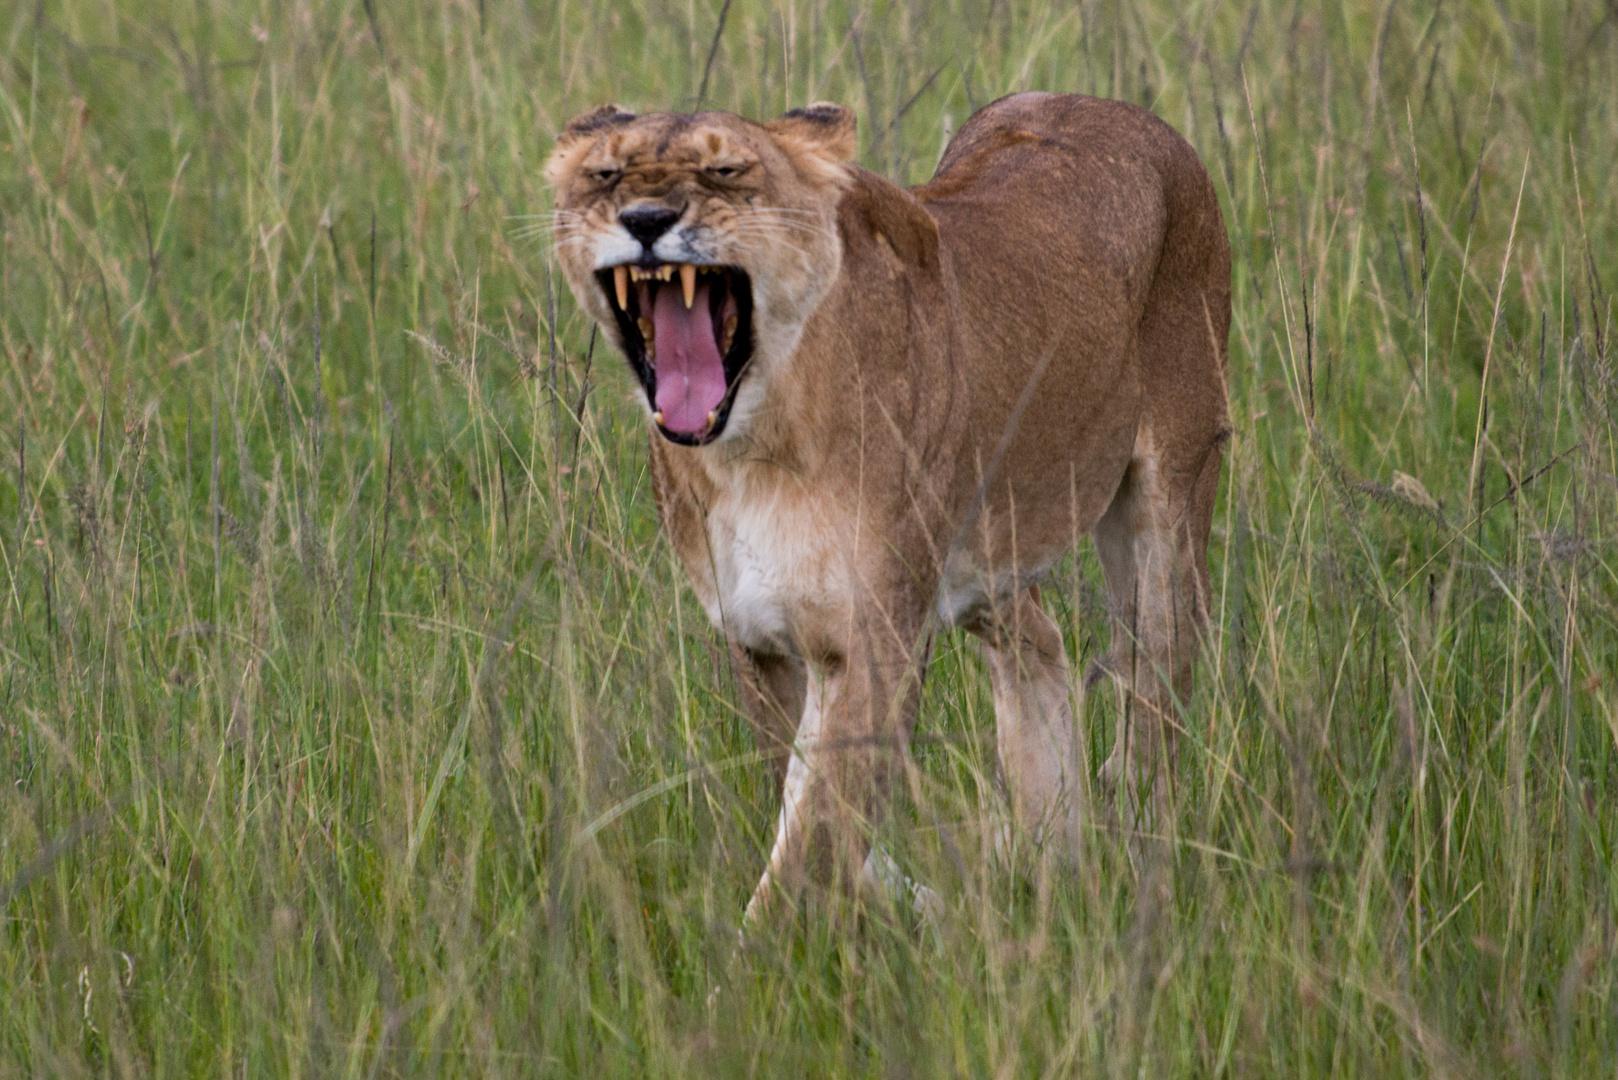 Ein unzufriedener Löwe